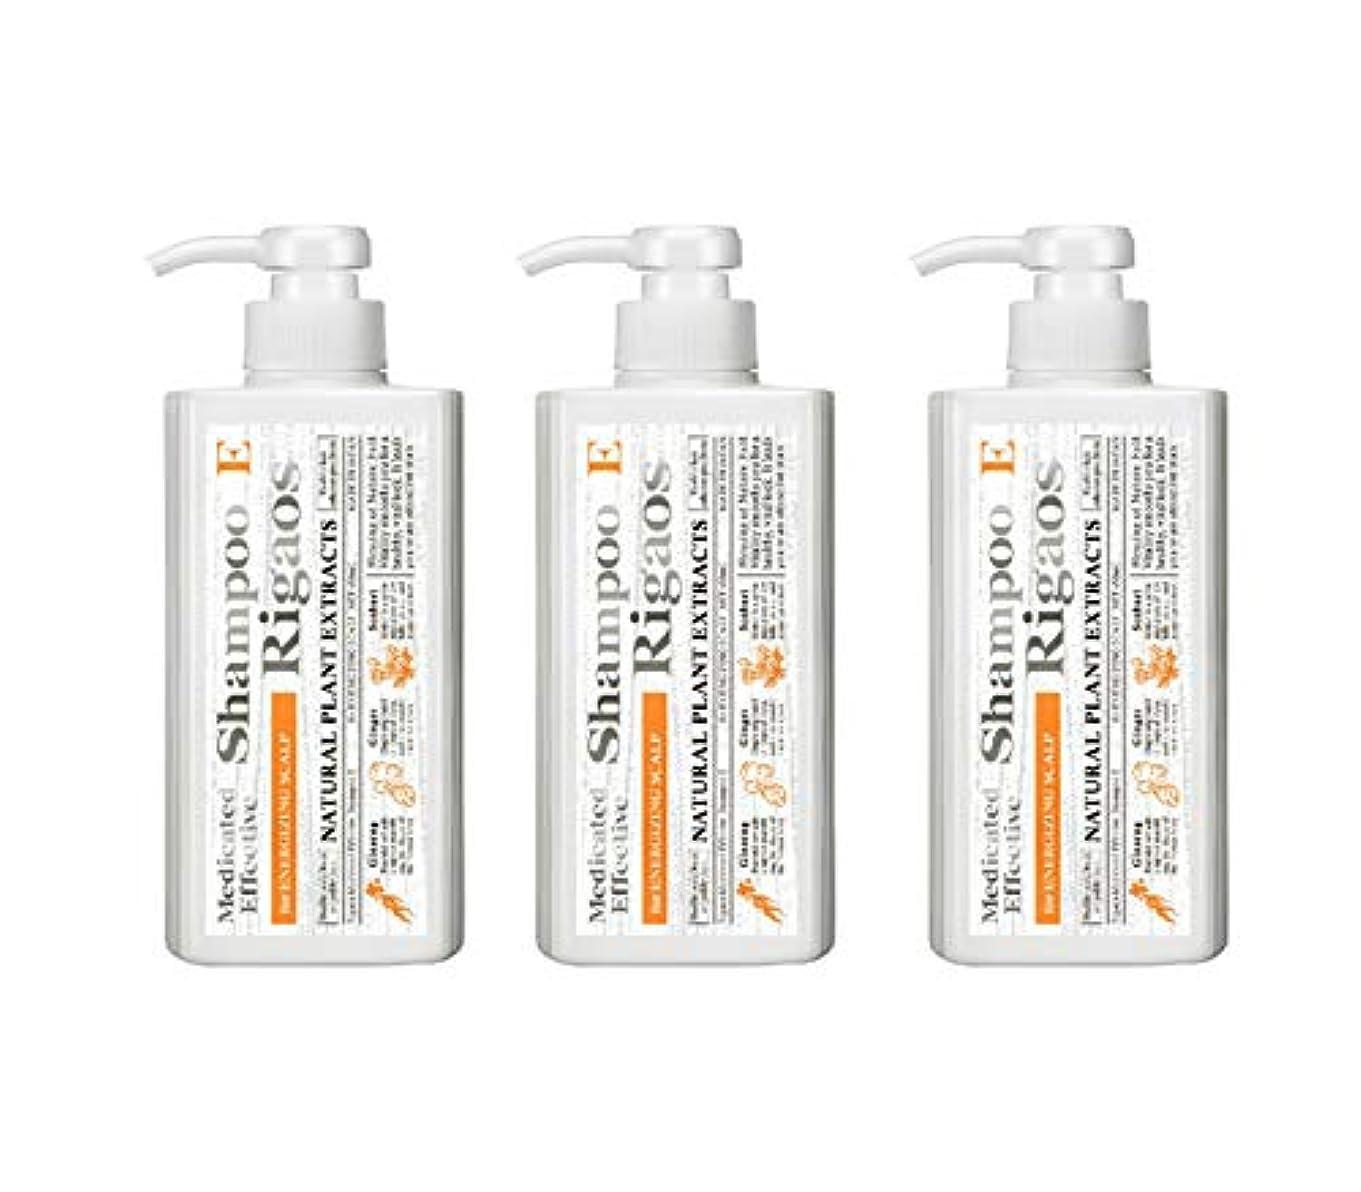 応じるじゃがいも増幅する【3個セット】リガオス 薬用 エフェクティブ シャンプー E ボトル(オレンジ) 450ml